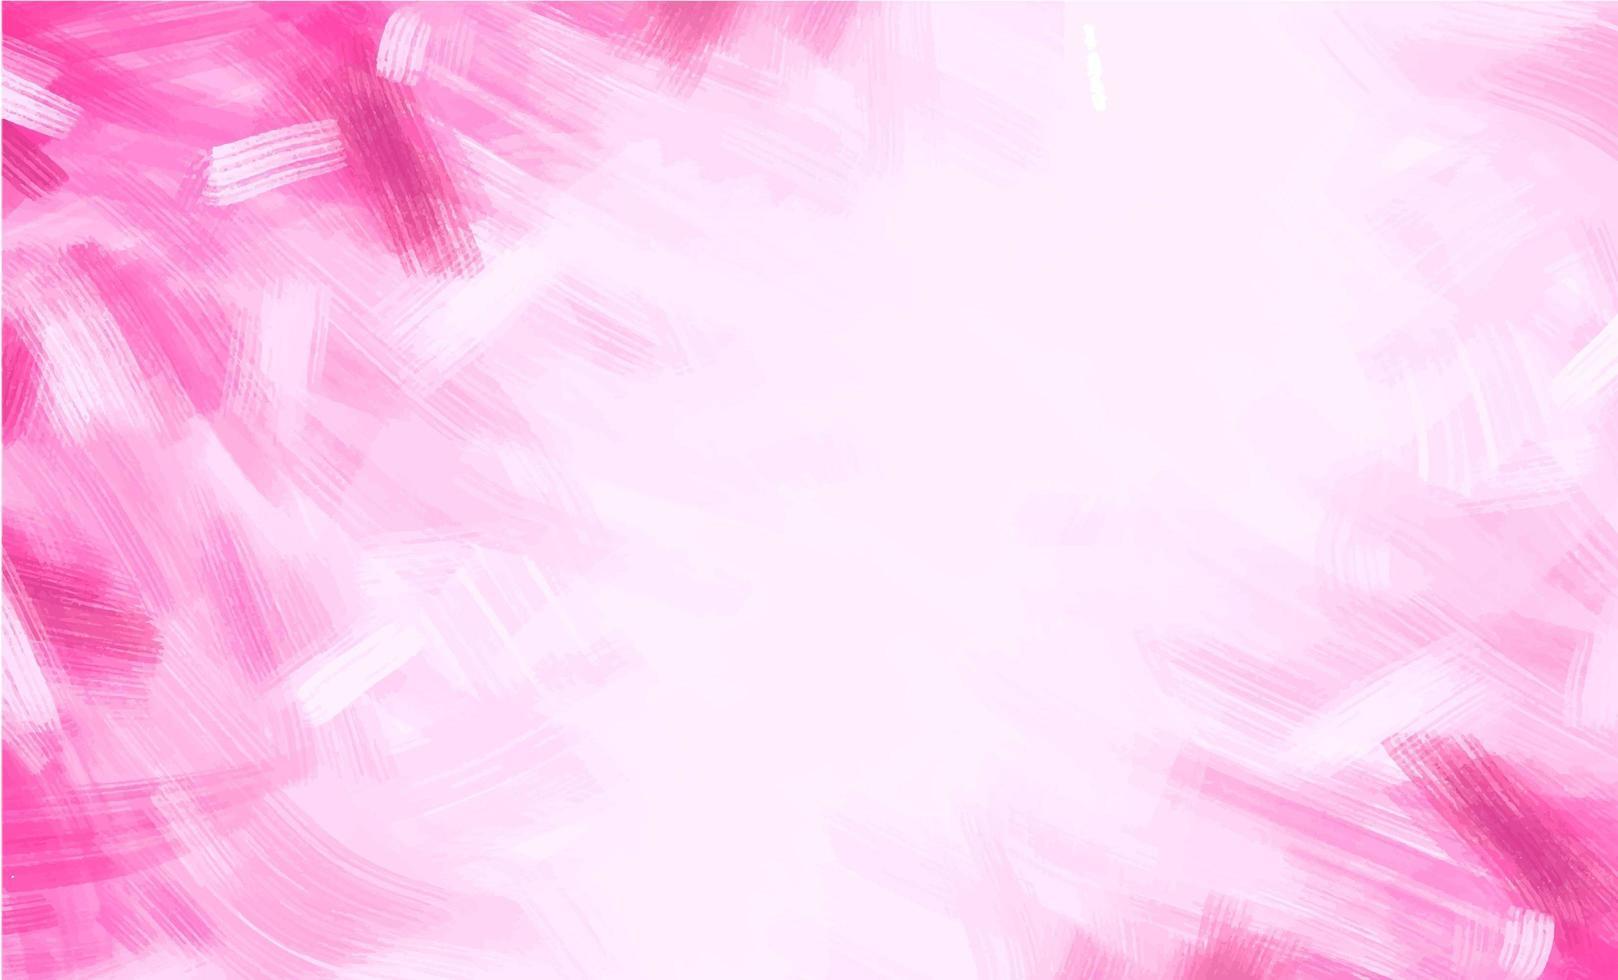 fondo de pinceladas rosa vector